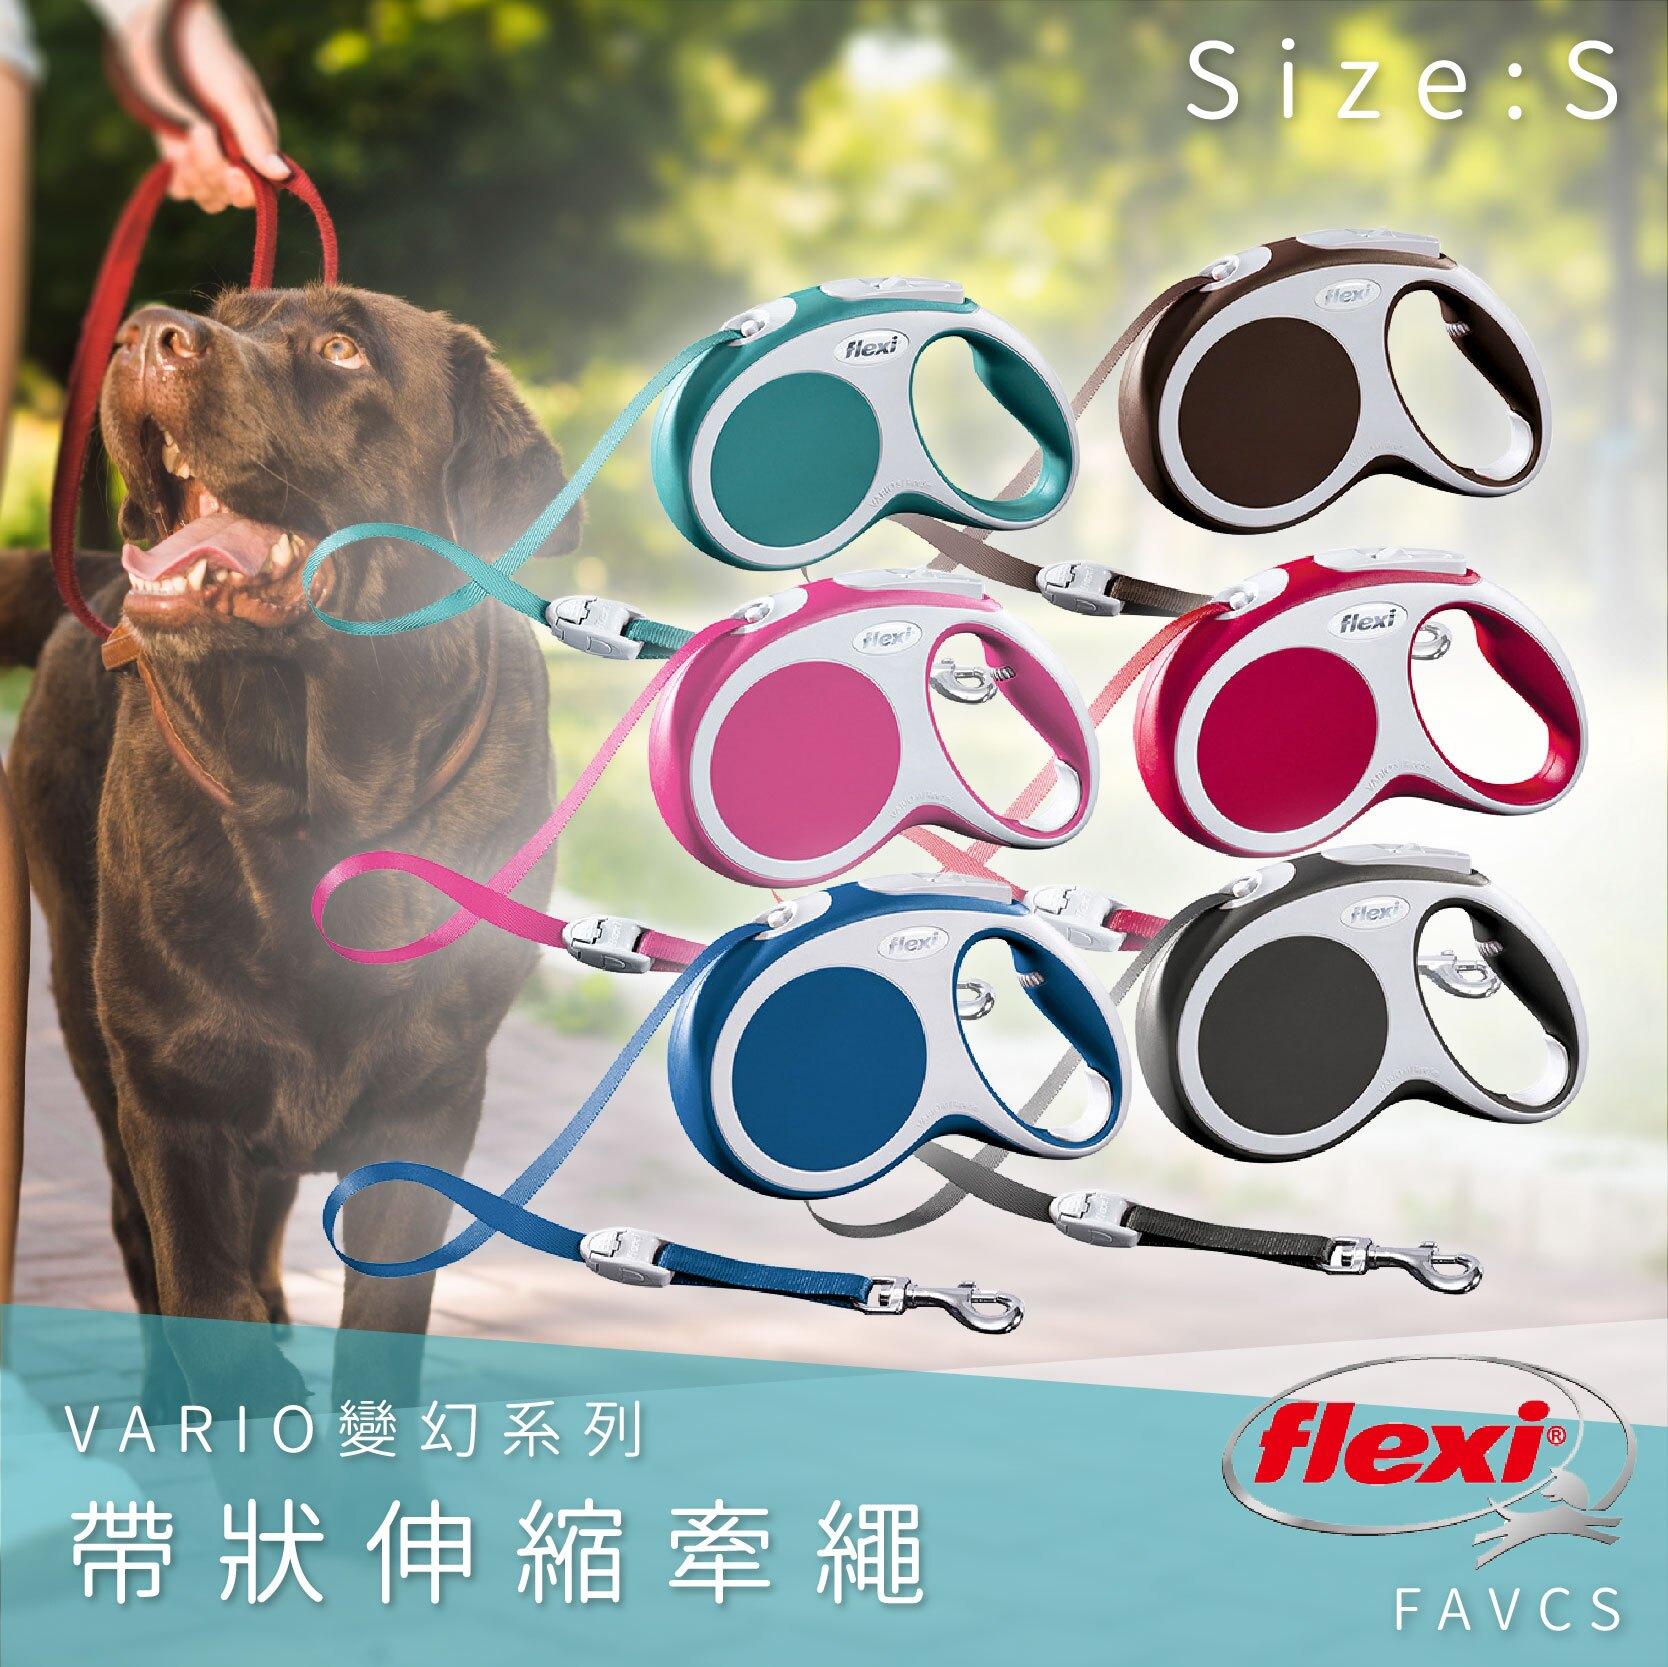 Flexi飛萊希 帶狀伸縮牽繩 S FAVCS 變幻系列 舒適握把 狗貓 外出用品 寵物用品 寵物牽繩 德國製 八色